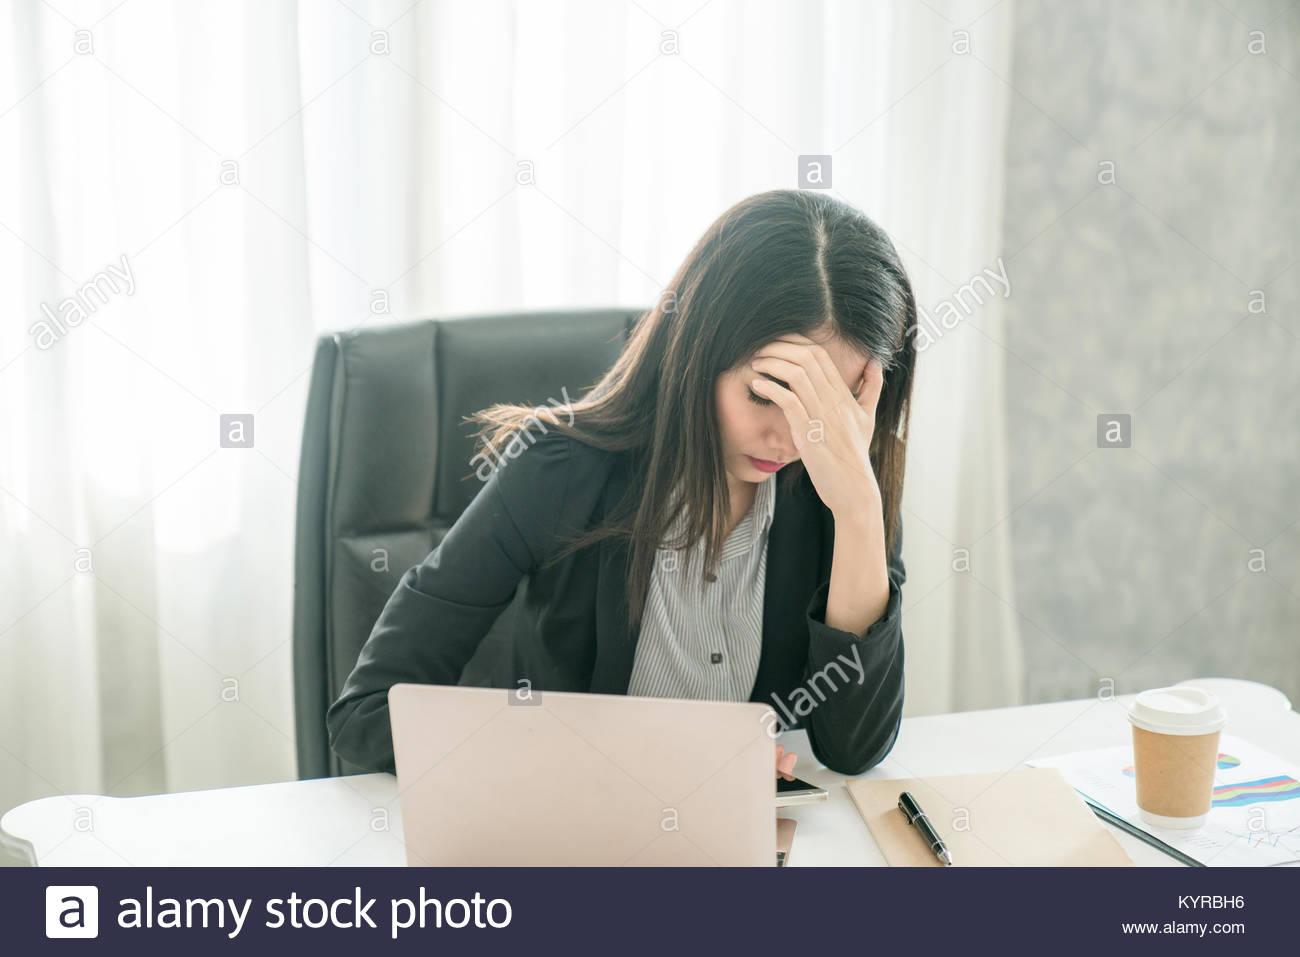 Sentirse cansado y destacó un joven mientras estaba sentada en su lugar de trabajo en el lugar de trabajo. Imagen De Stock